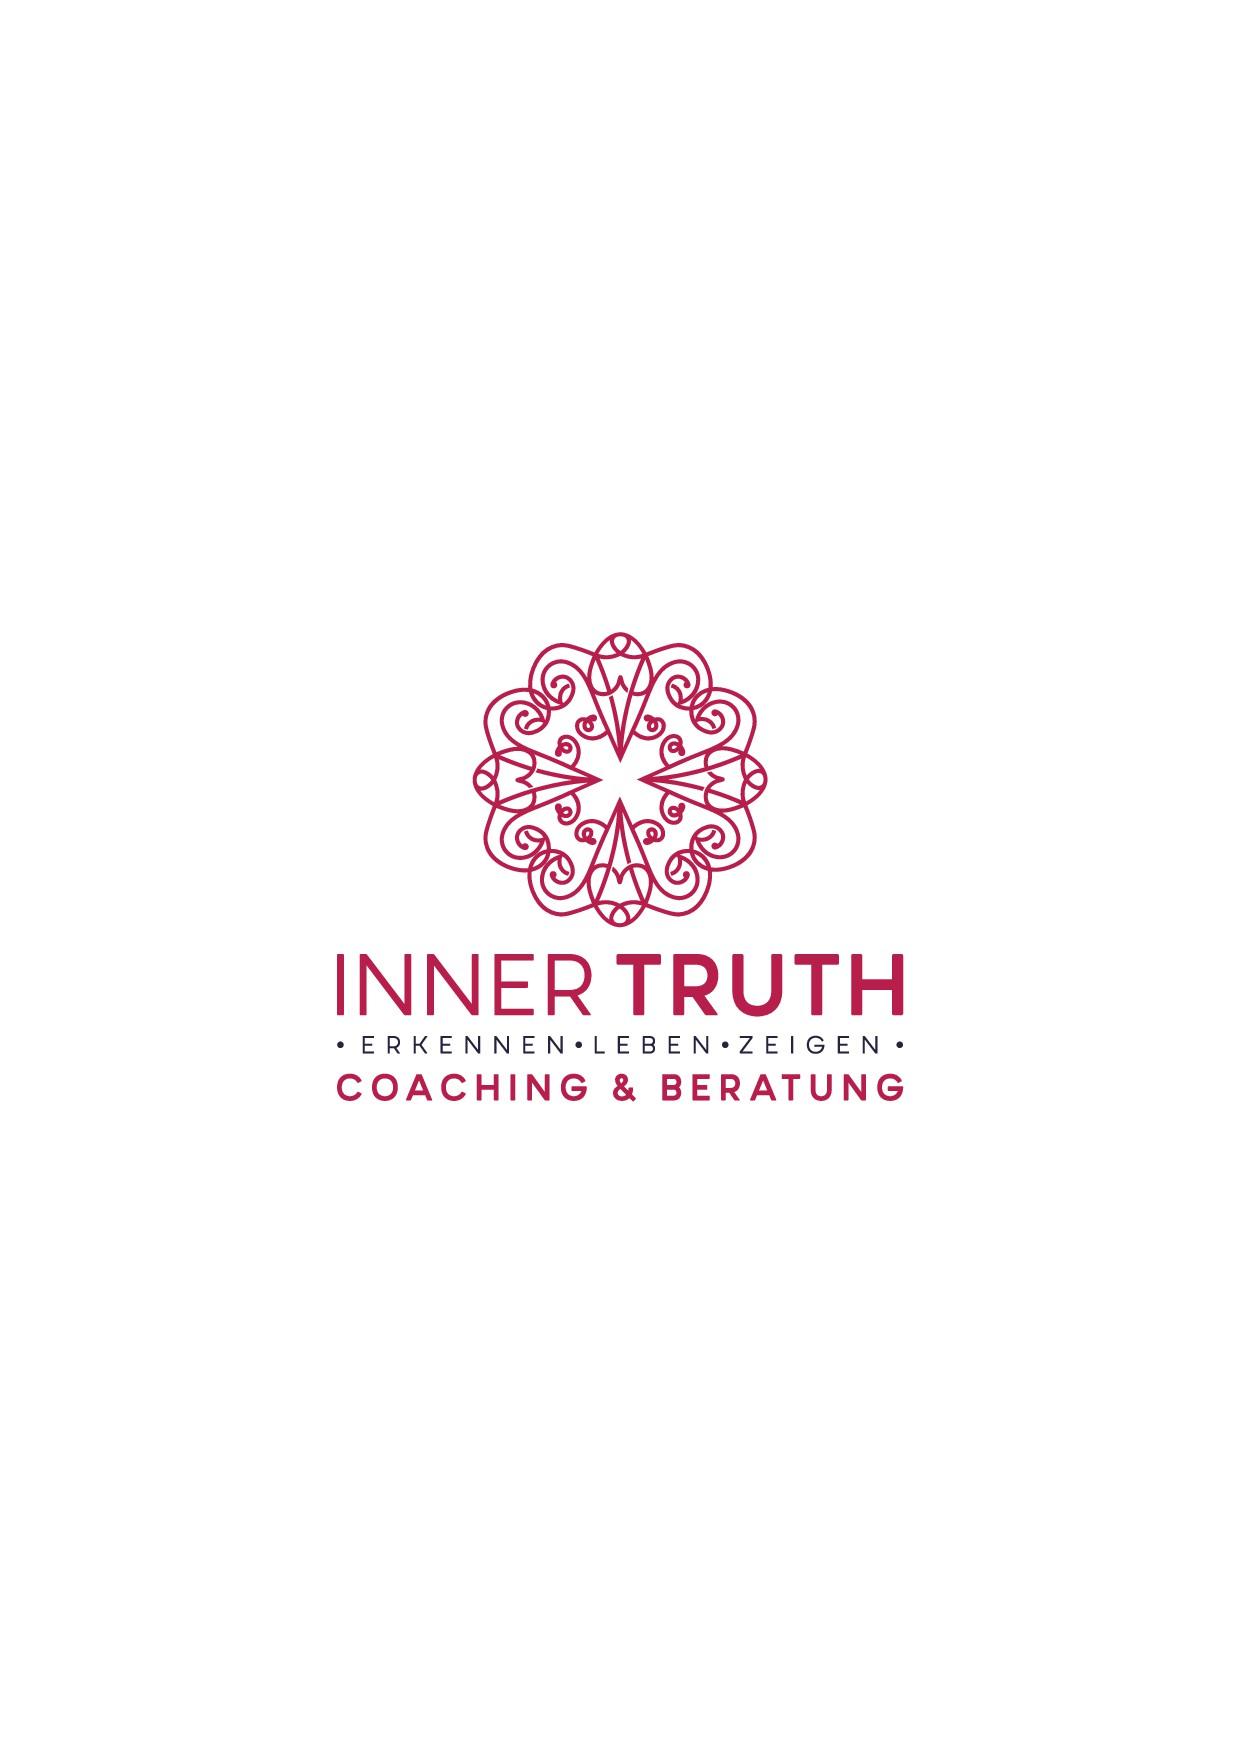 Inner Truth sucht ein Logo, das den Betrachter eintauchen lässt ;-)